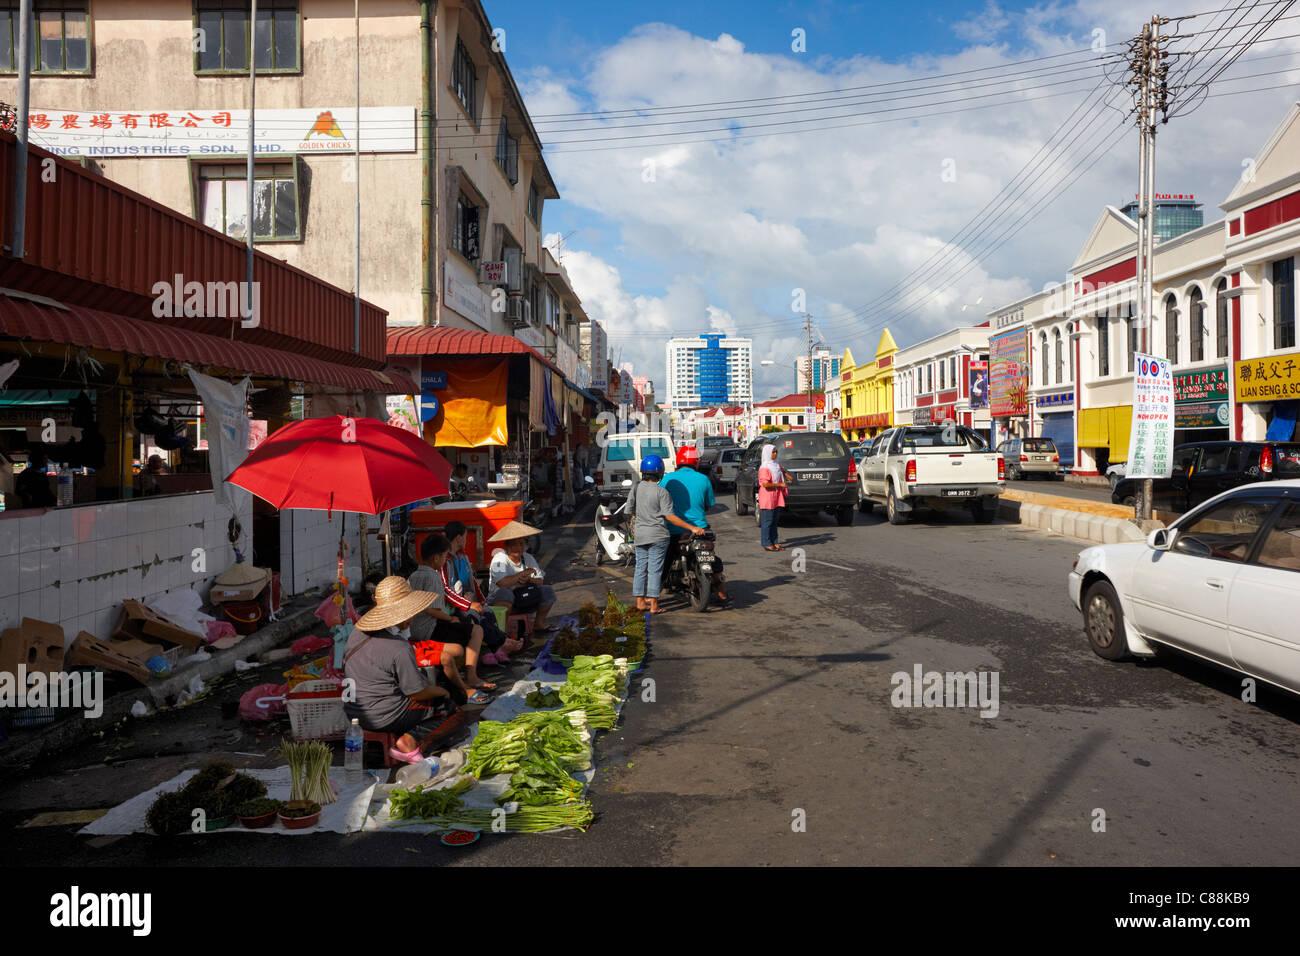 Jalan Bendahara, Miri, Sarawak, Malaysia, Asia - Stock Image